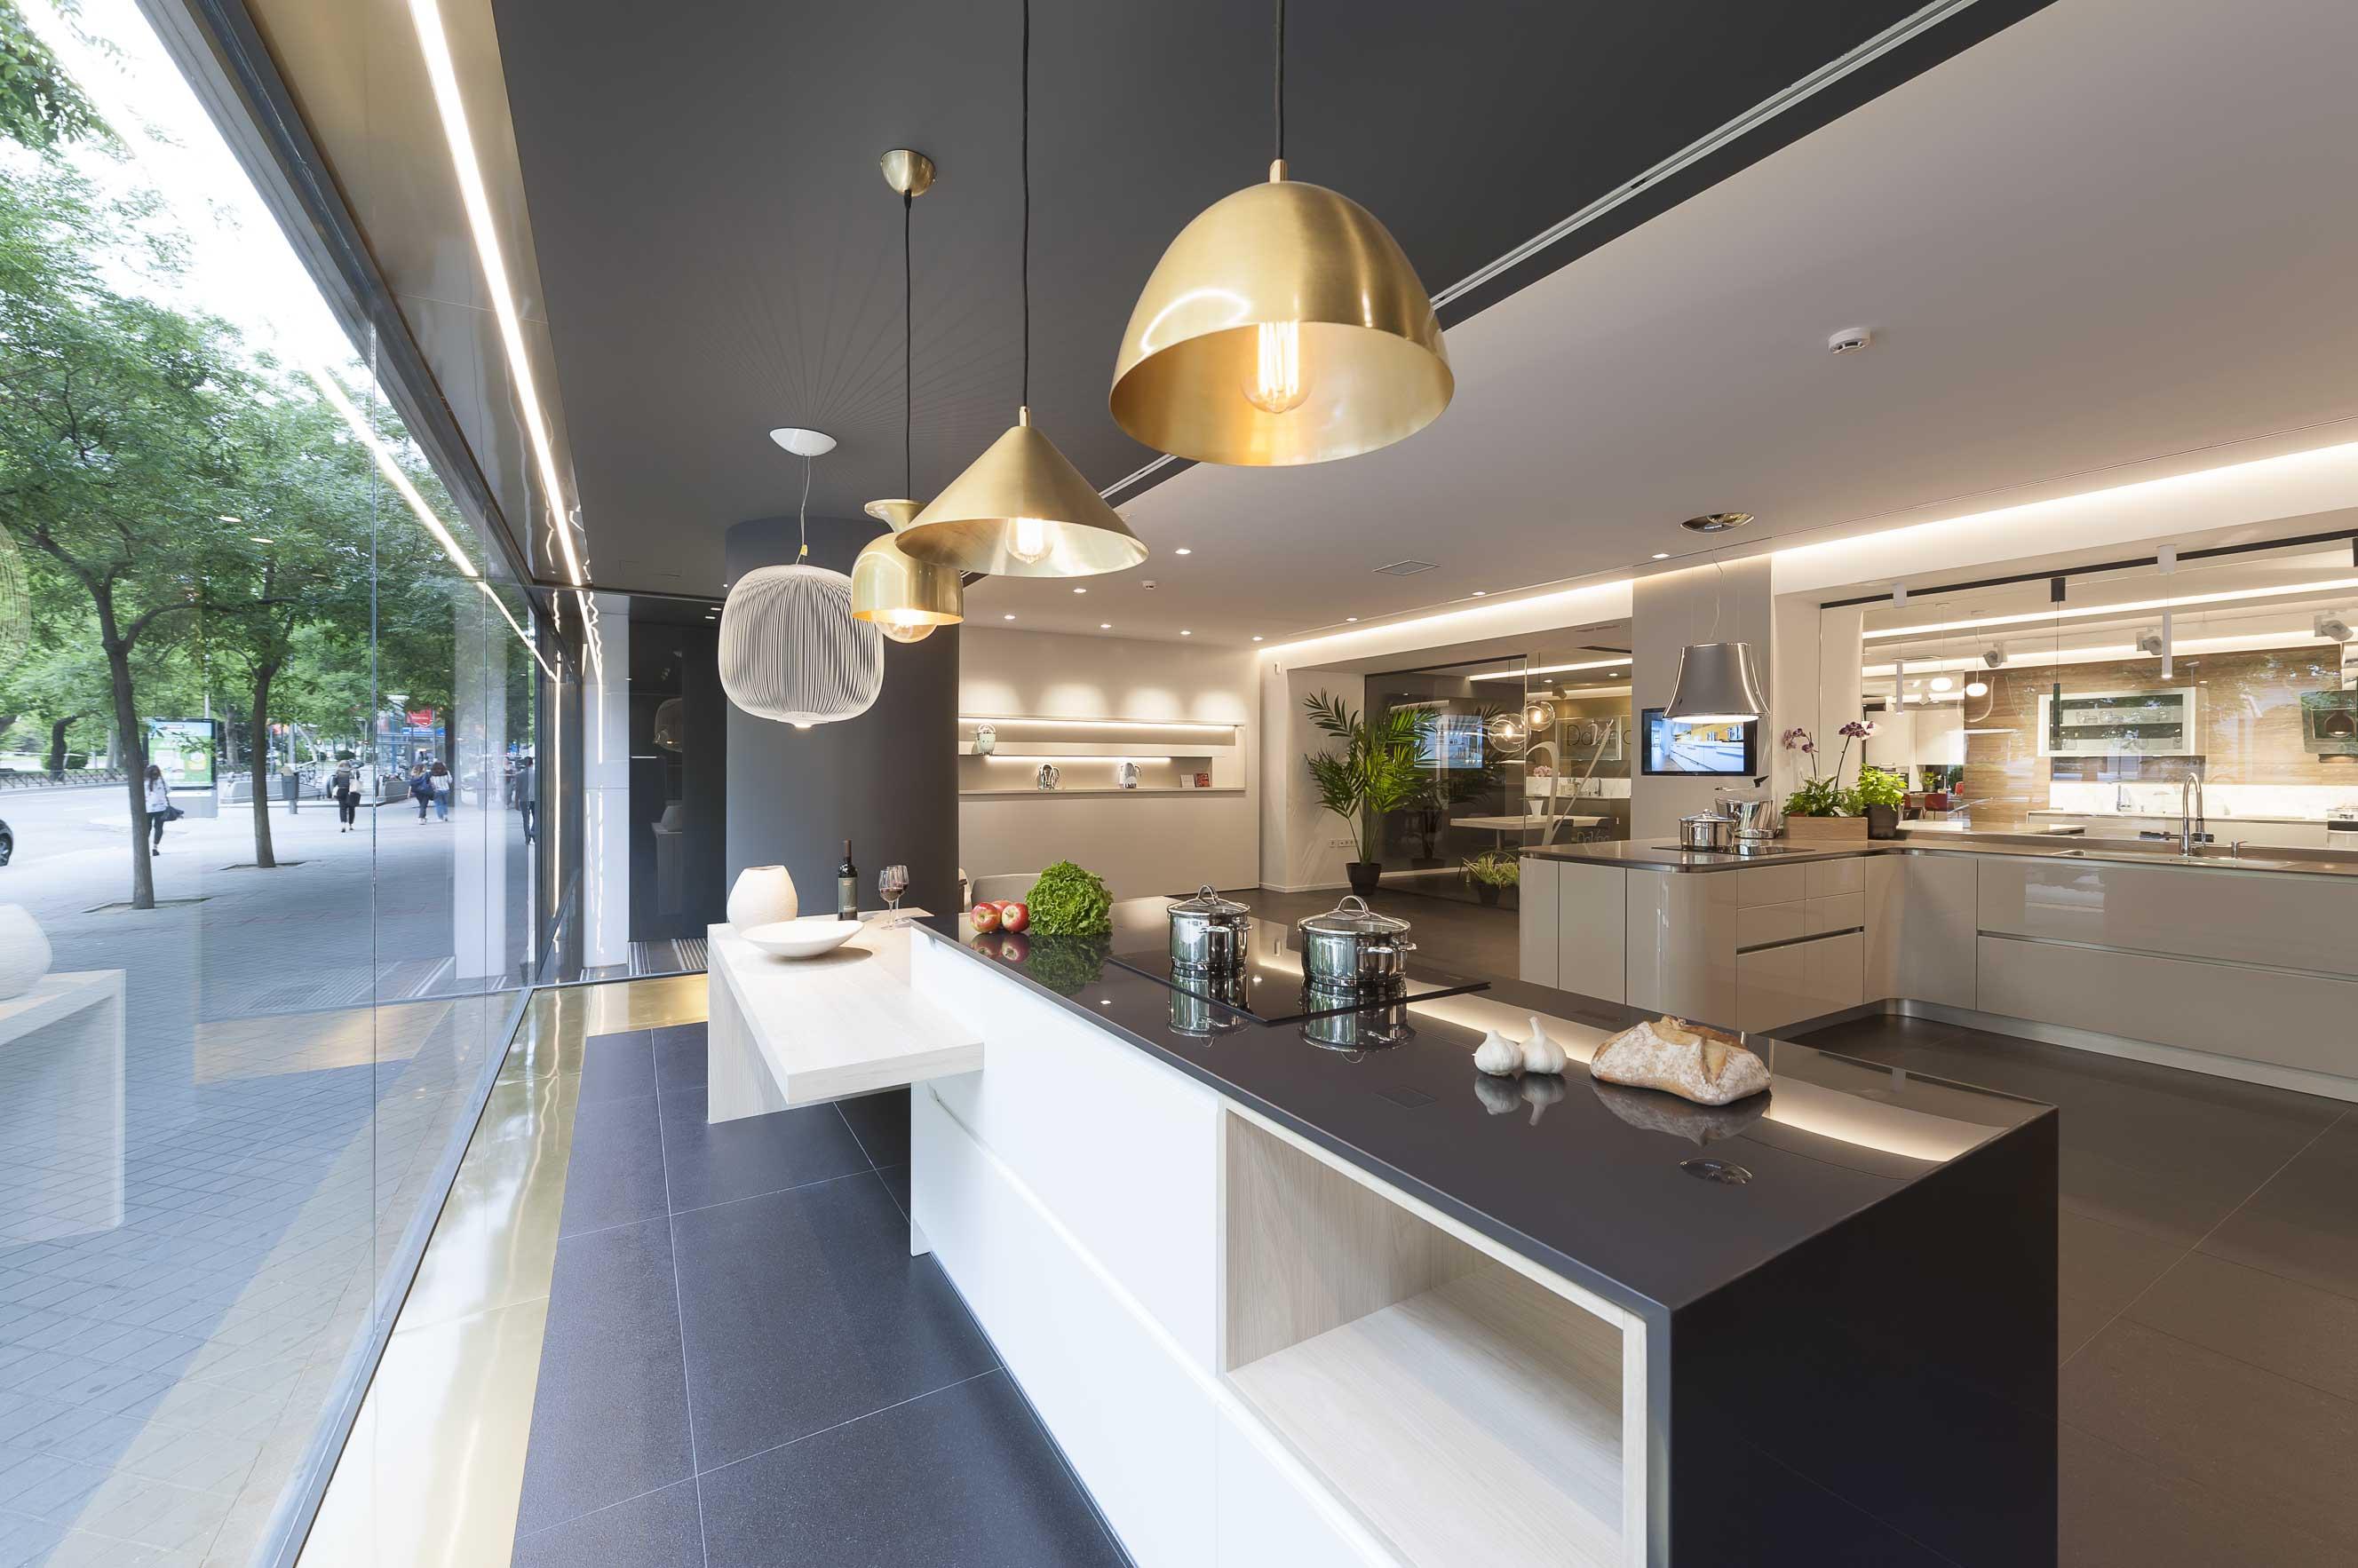 Davinia cocinas y decoraci n mobiliario de cocina en madrid for Muebles de cocina italianos